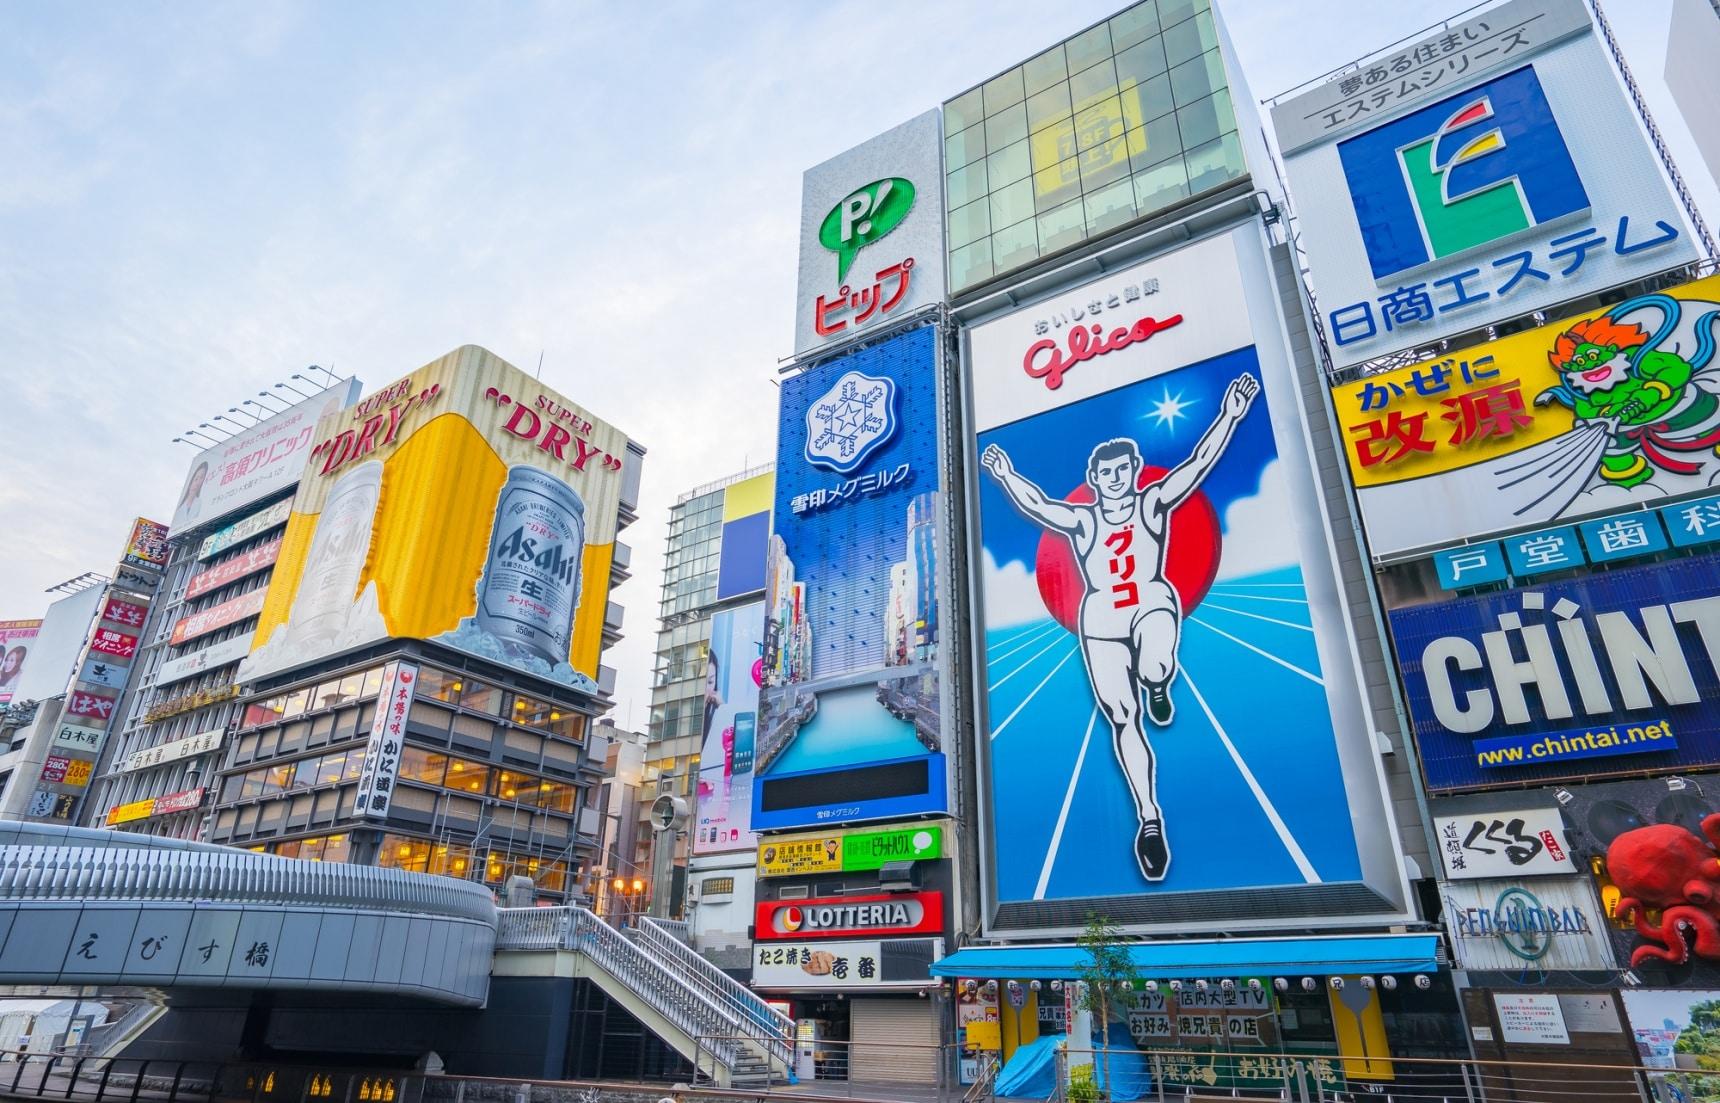 精選最新大阪必買超美味伴手禮